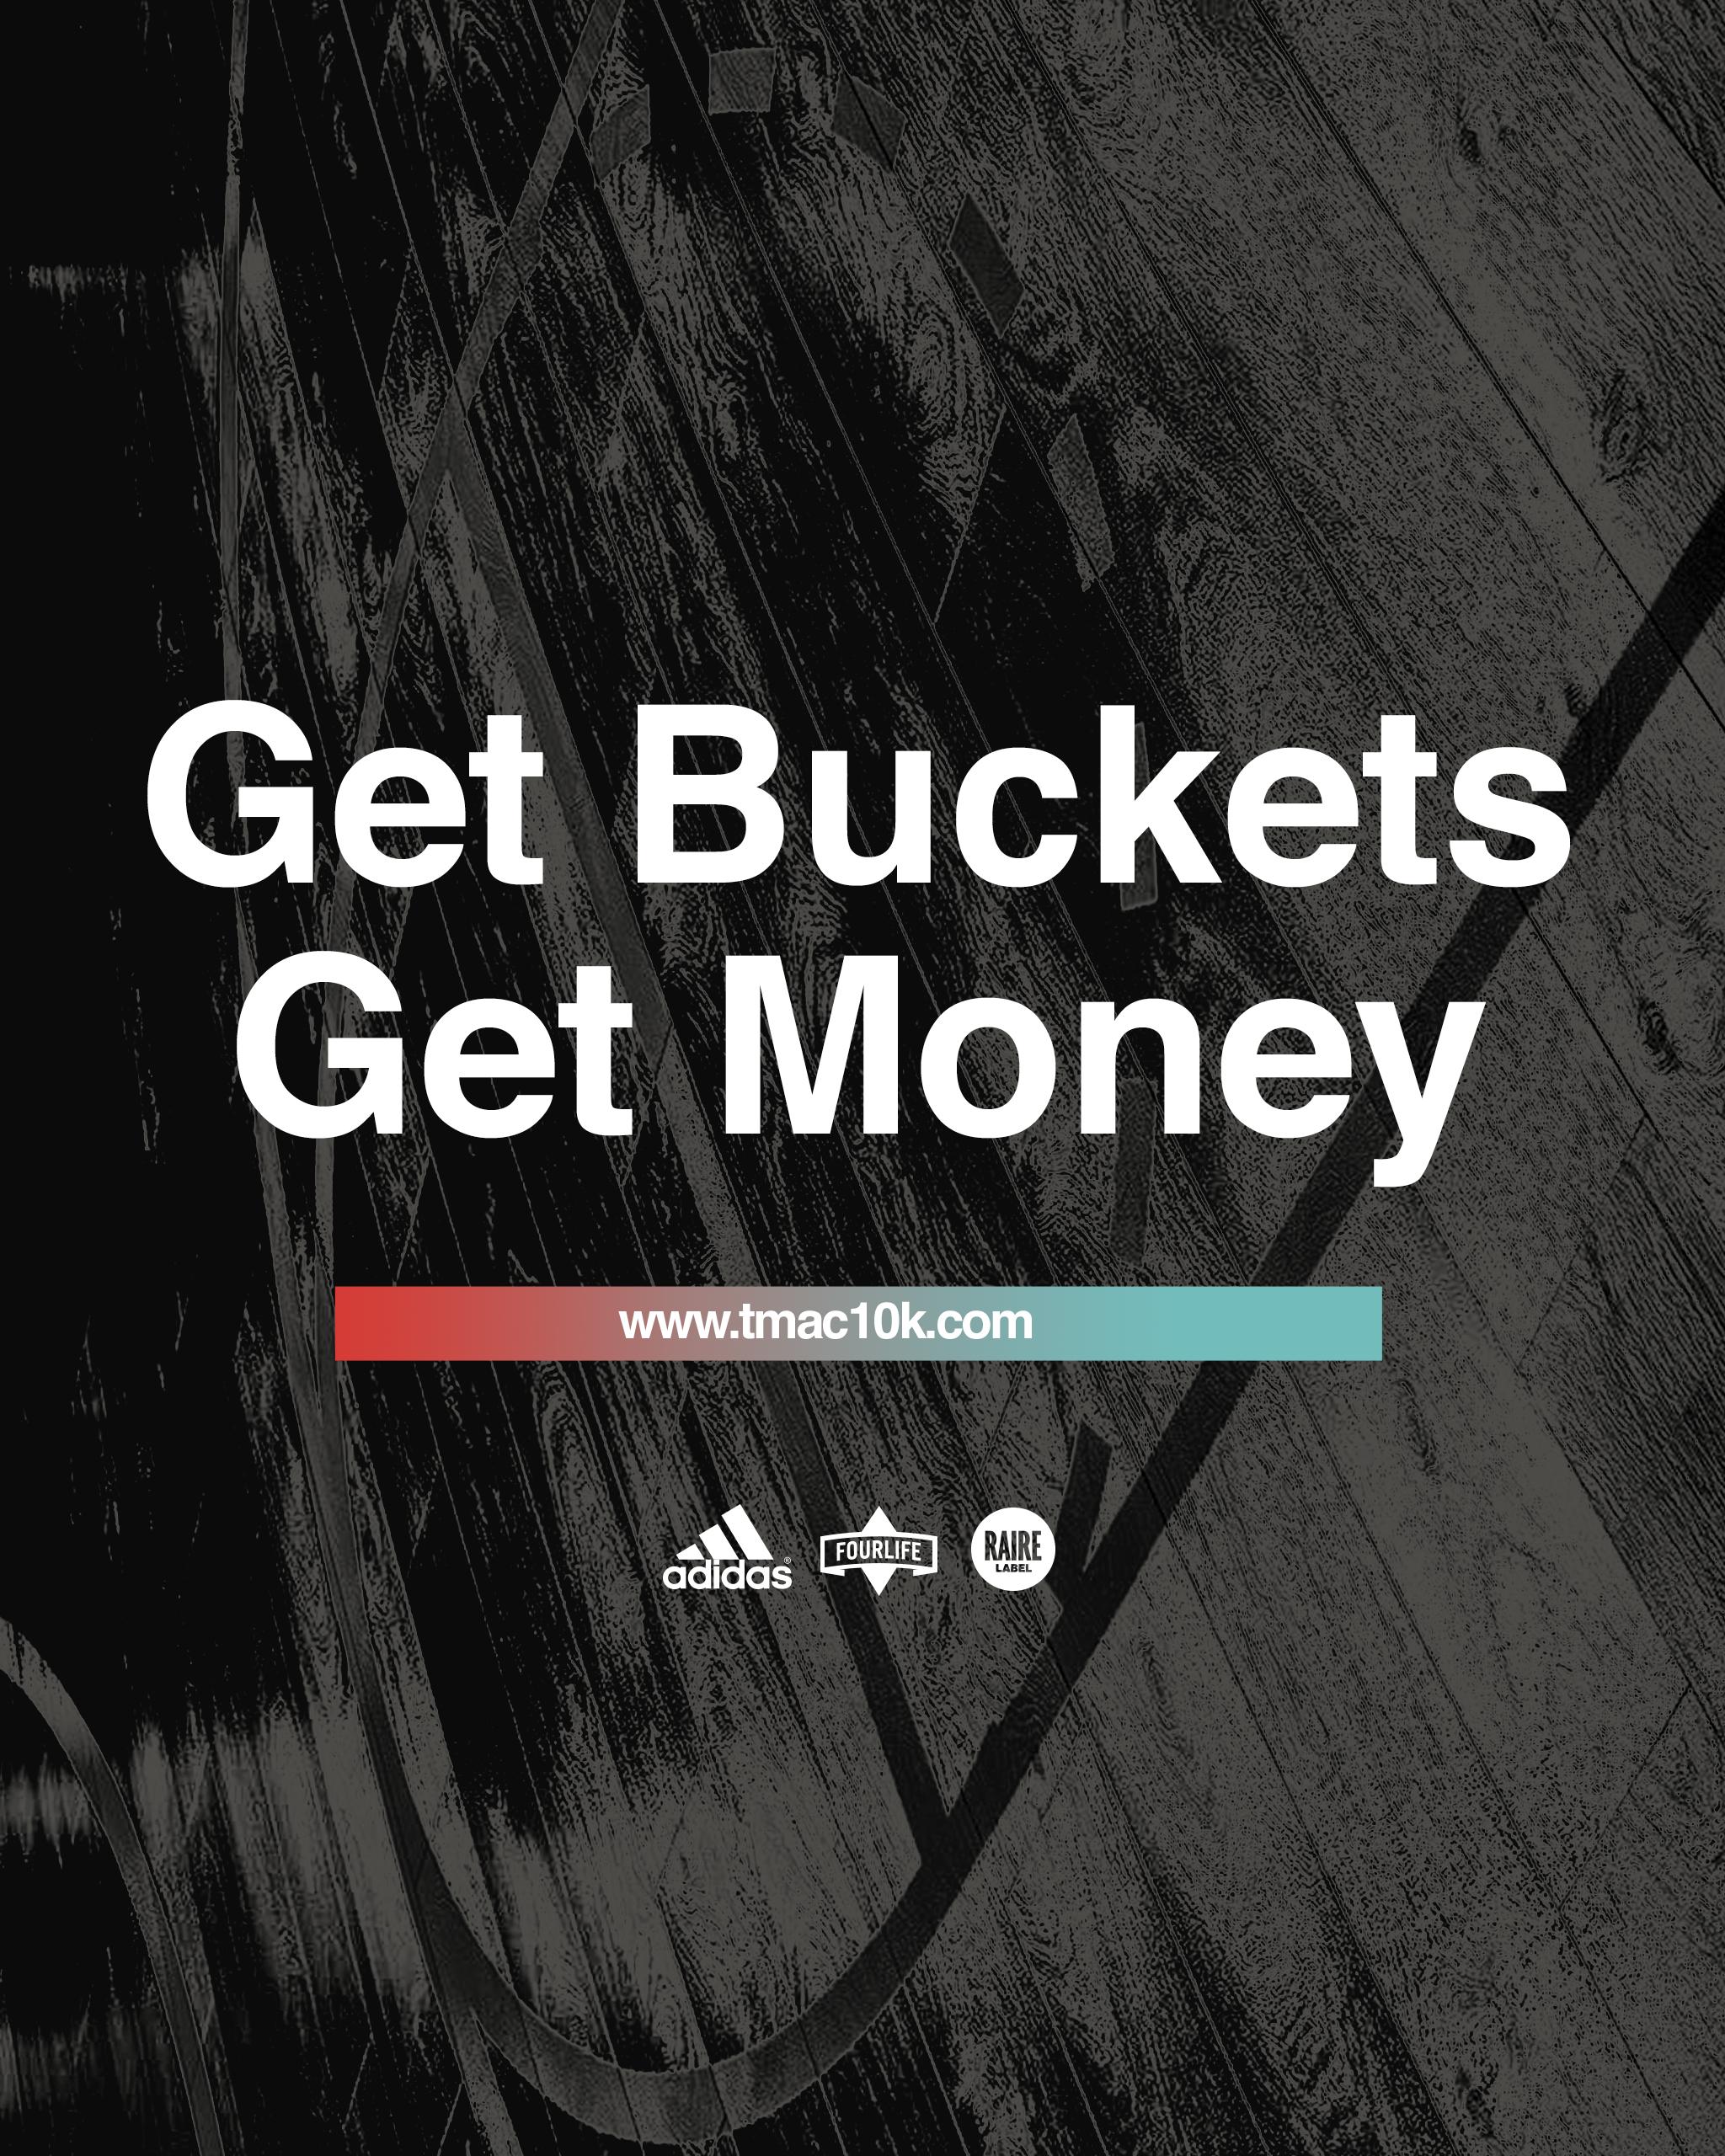 Get Buckets Get Money.png